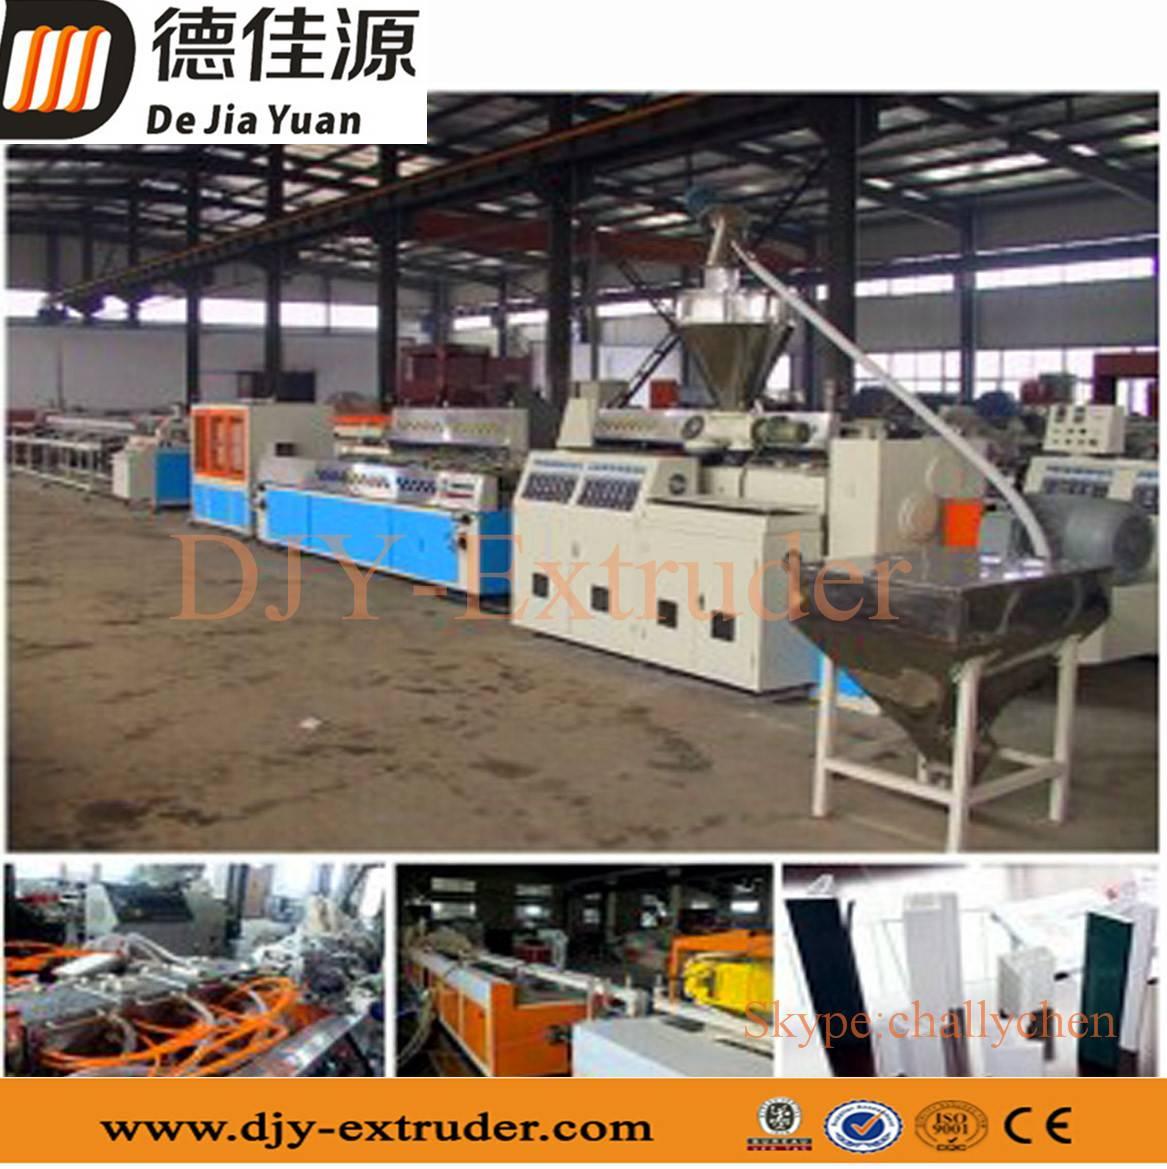 PVC plastic profile extrusion line/PVC window production line